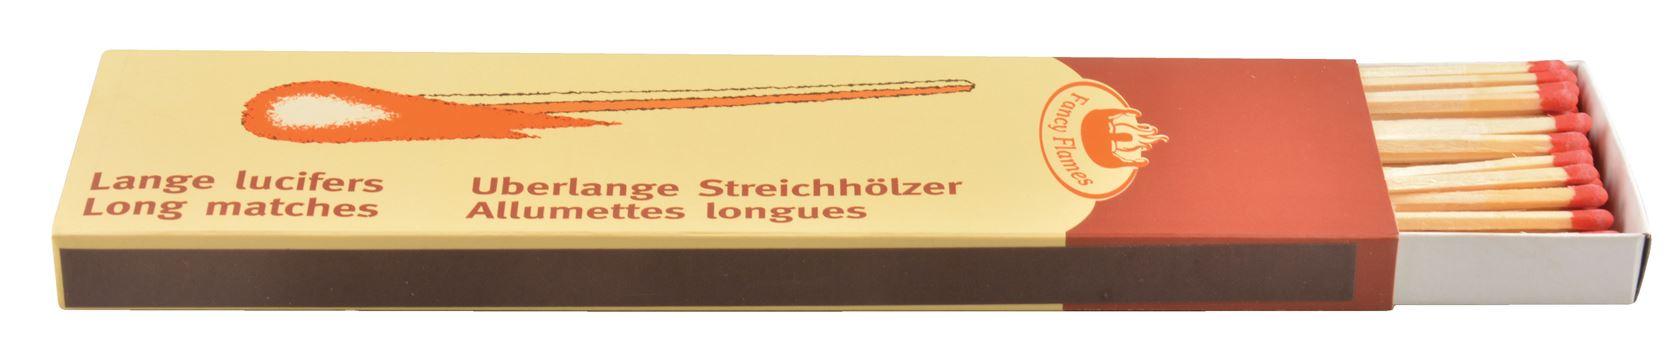 lange lucifers